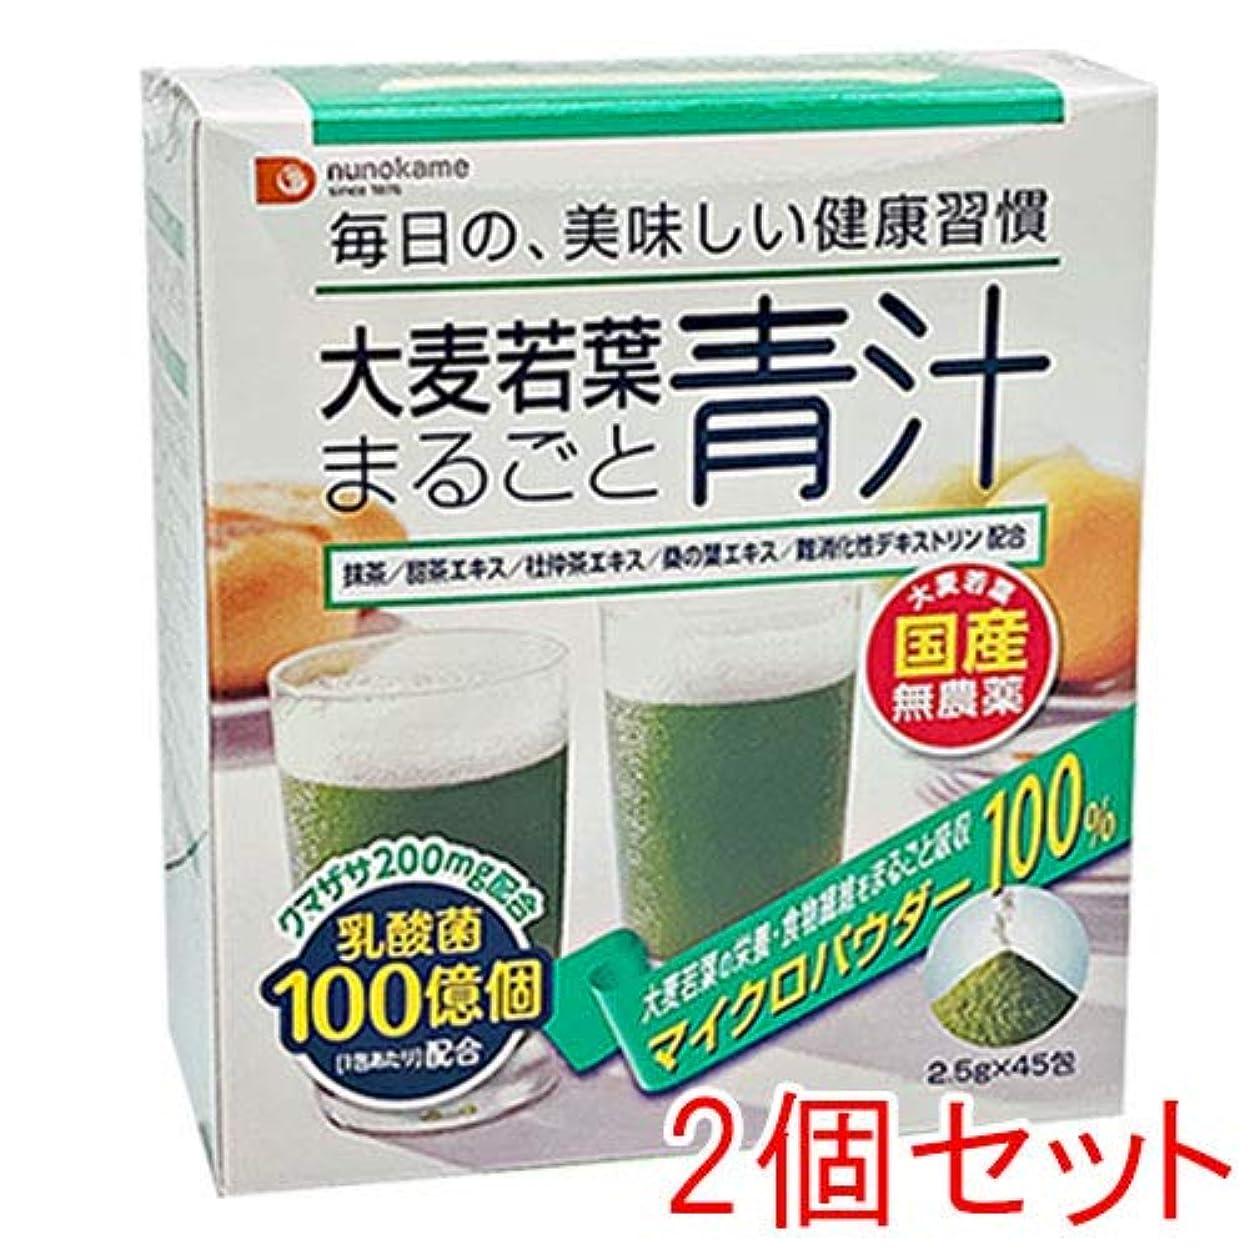 ハリウッドいわゆるが欲しい大麦若葉まるごと青汁【2個セット】 2.5g×45包×2